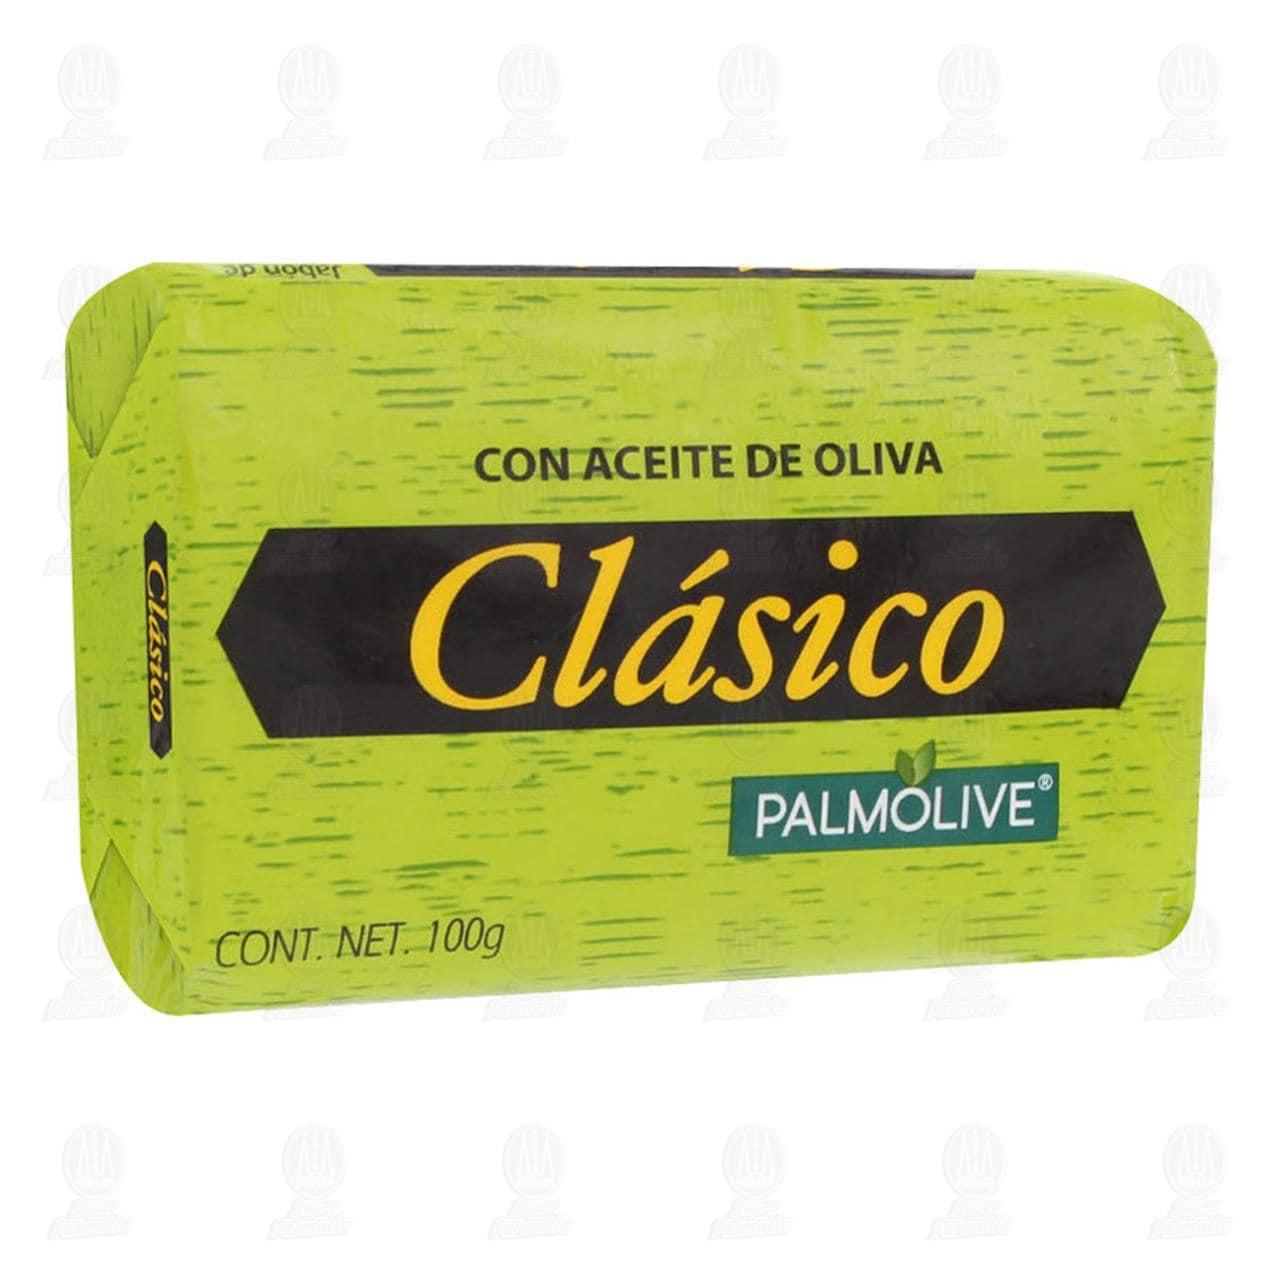 Comprar Jabón de Tocador Palmolive Clásico con aceite de oliva en Barra, 100 gr. en Farmacias Guadalajara